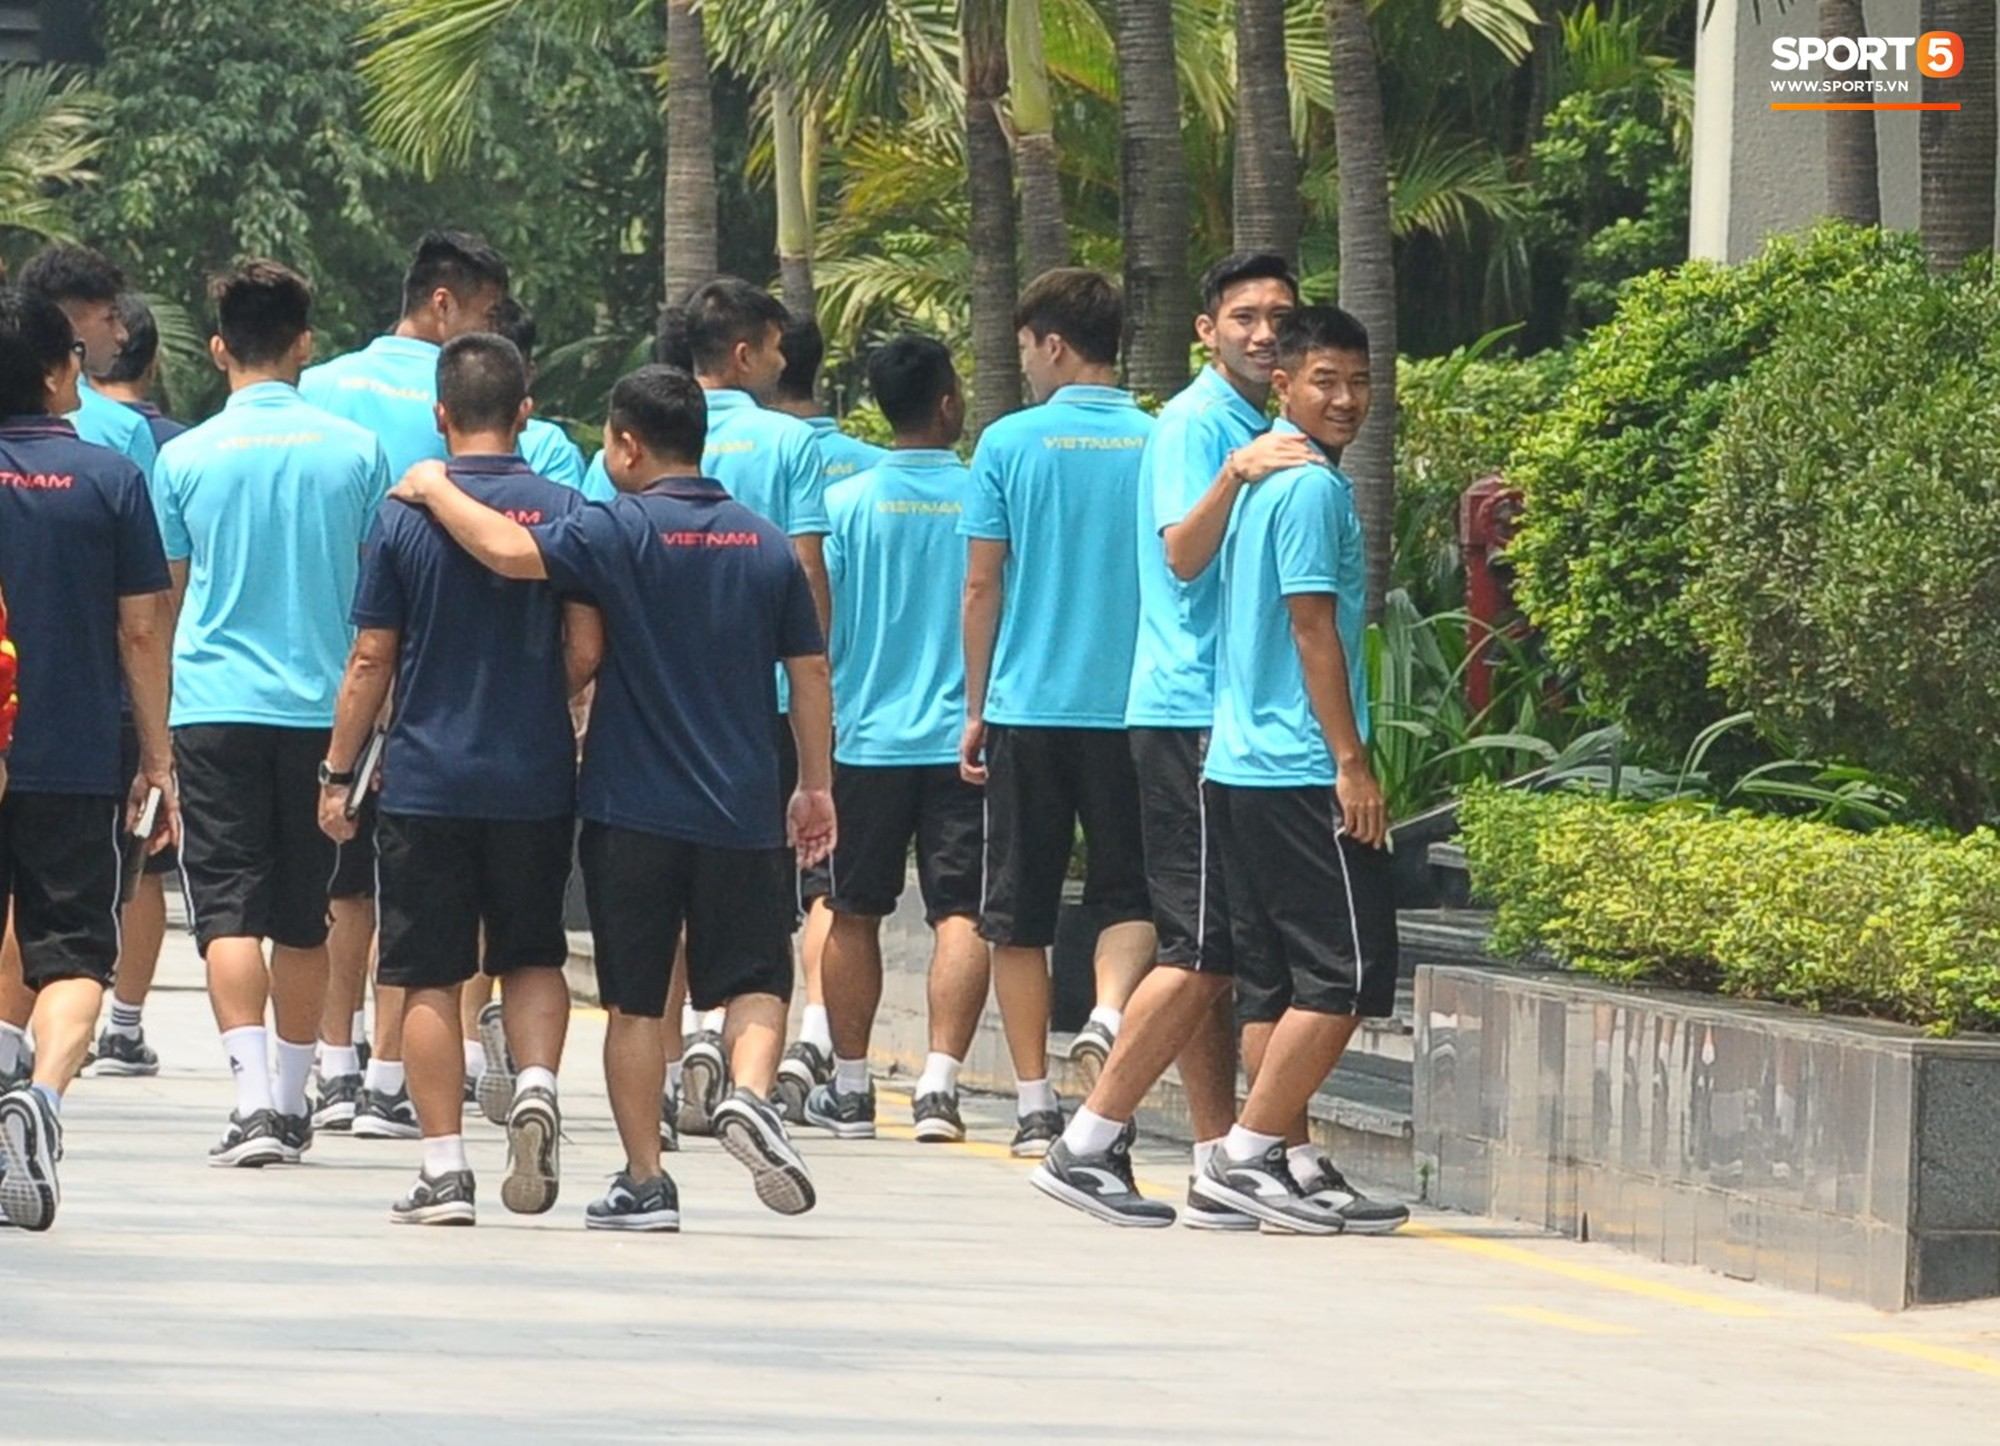 Quang Hải, Đình Trọng nhăn nhó khi đi bộ thể dục lúc 12h trưa-11